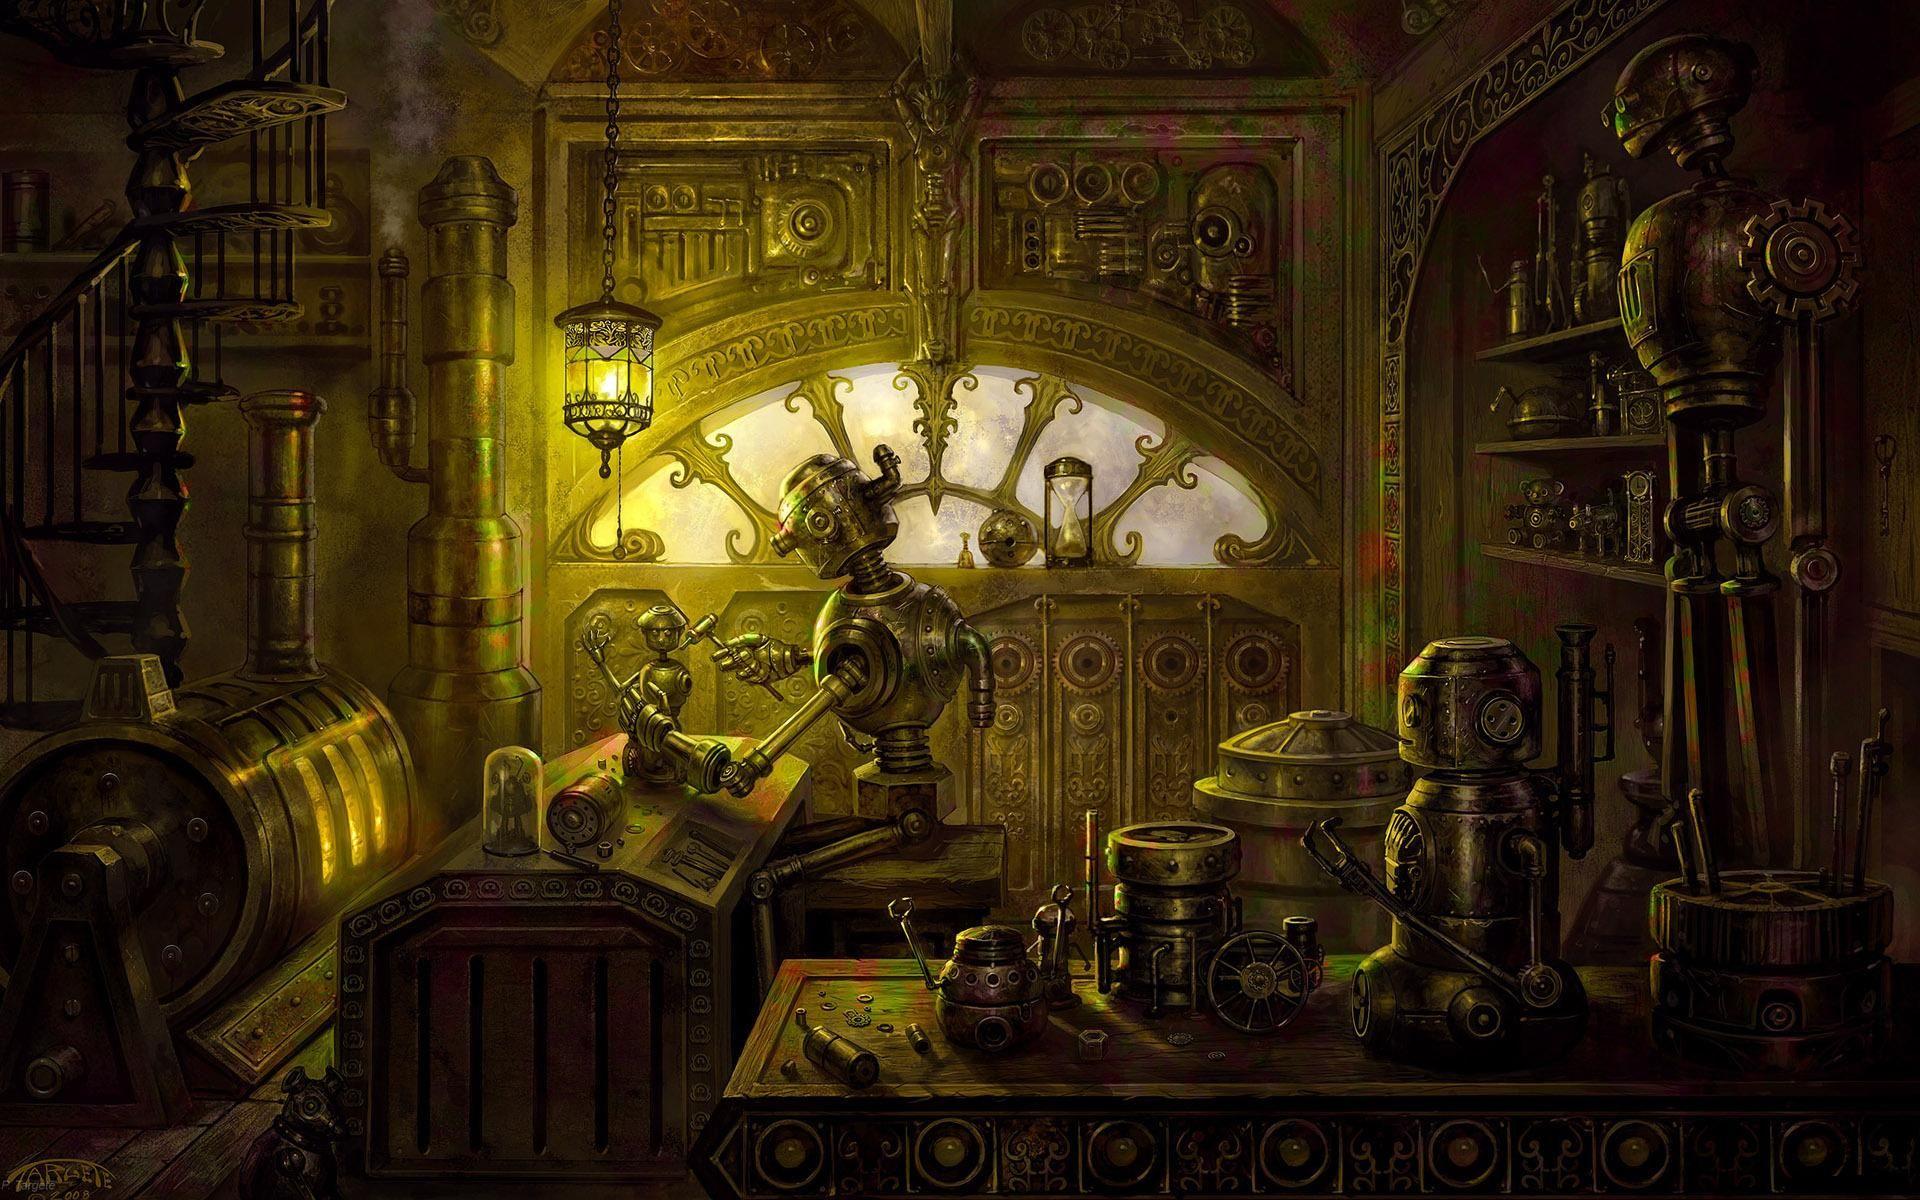 Steampunk Workshop Steampunk Wallpaper Steampunk Artwork